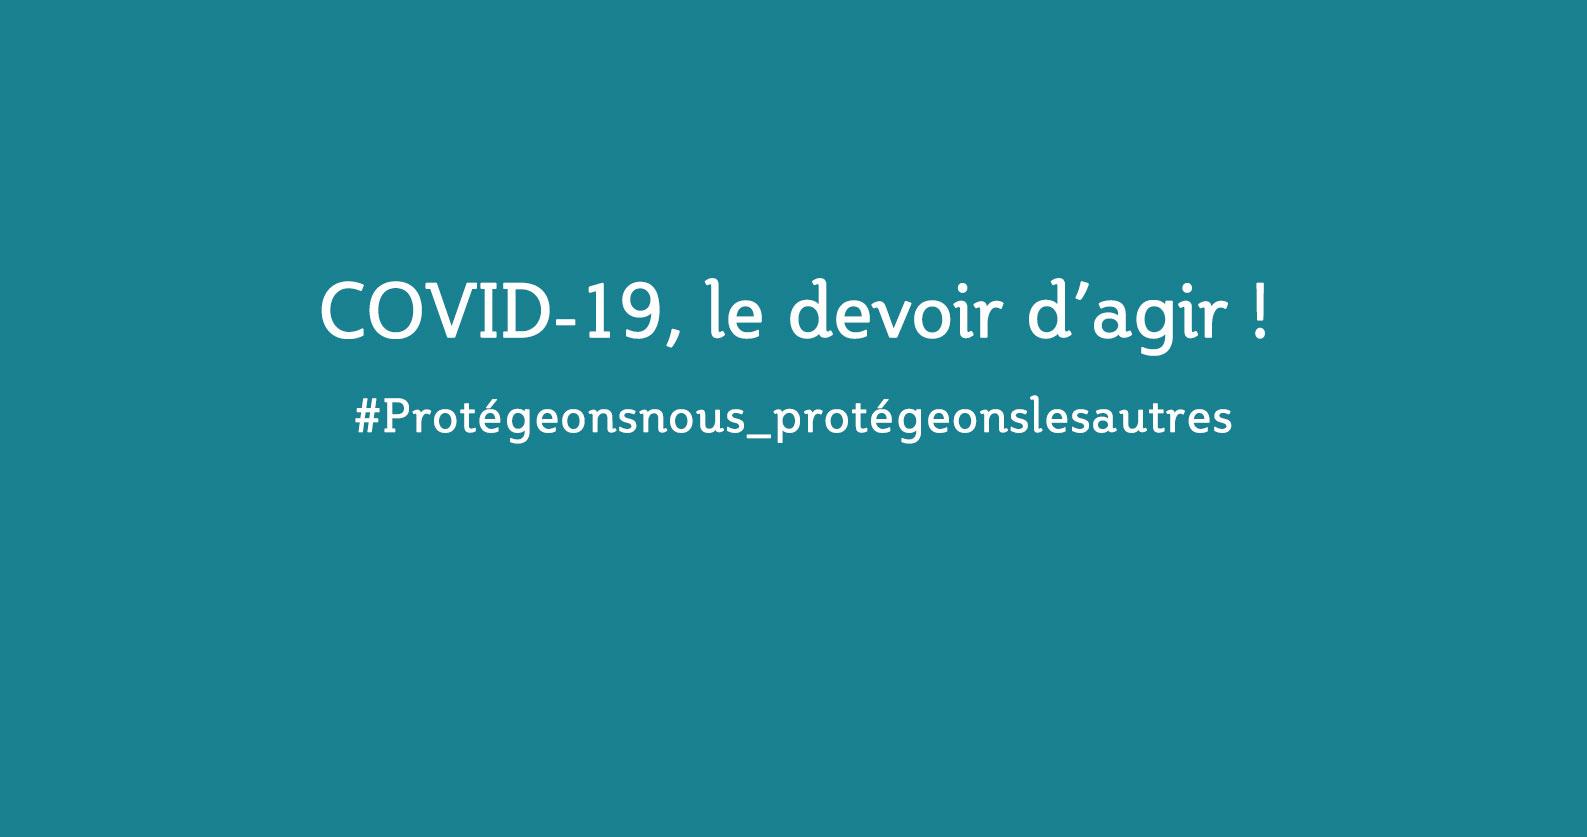 #Protégeonsnous_protégeonslesautres